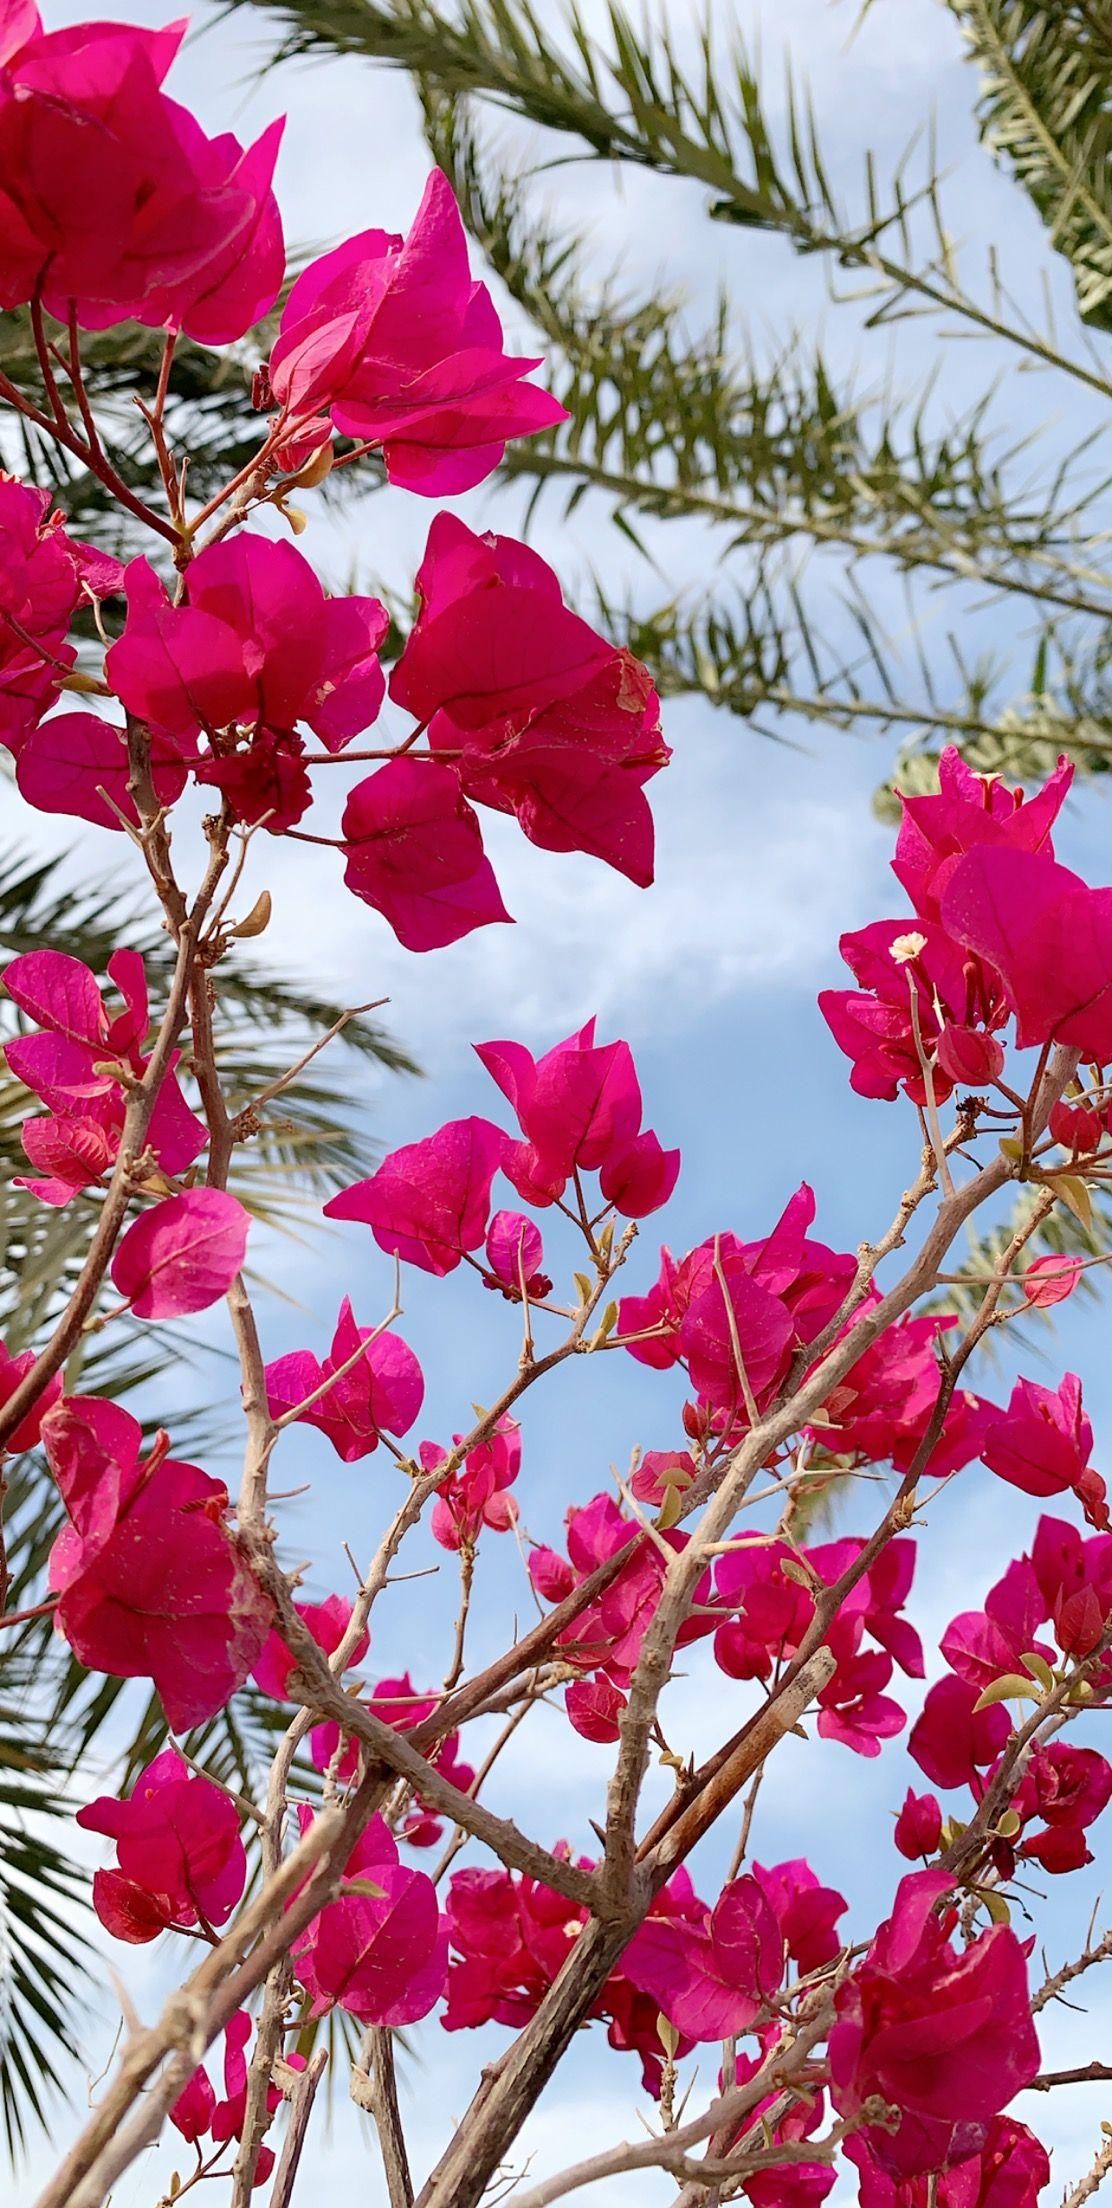 Pin By بثينة الكواري On ورد الربيع Flowers Rose Plants